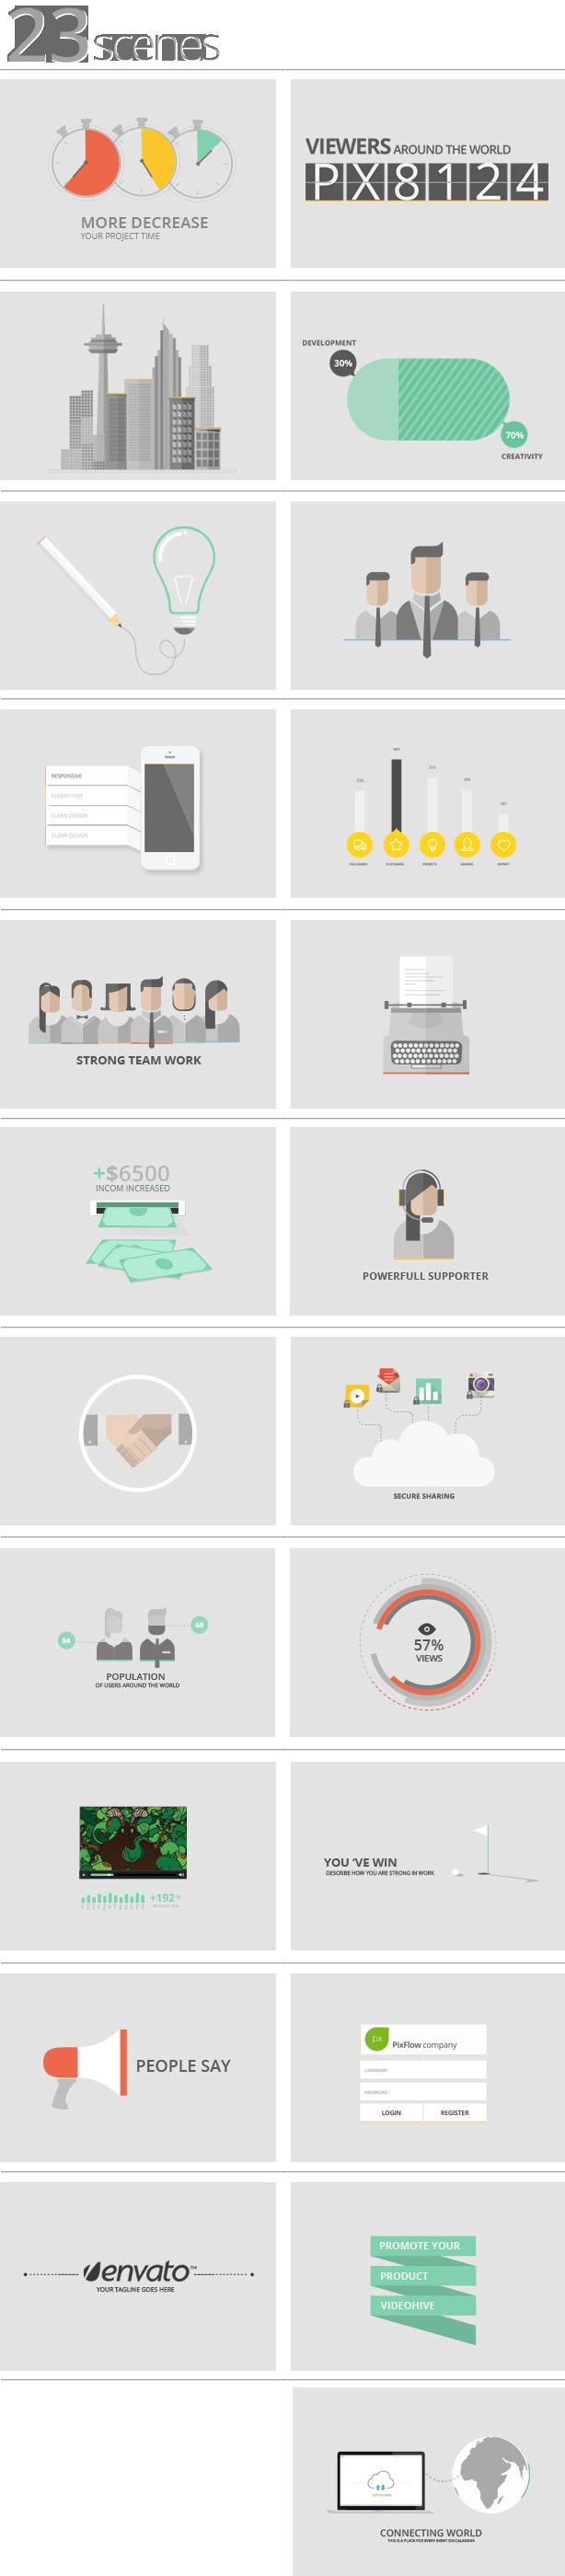 Corporate Typography Plus - 11